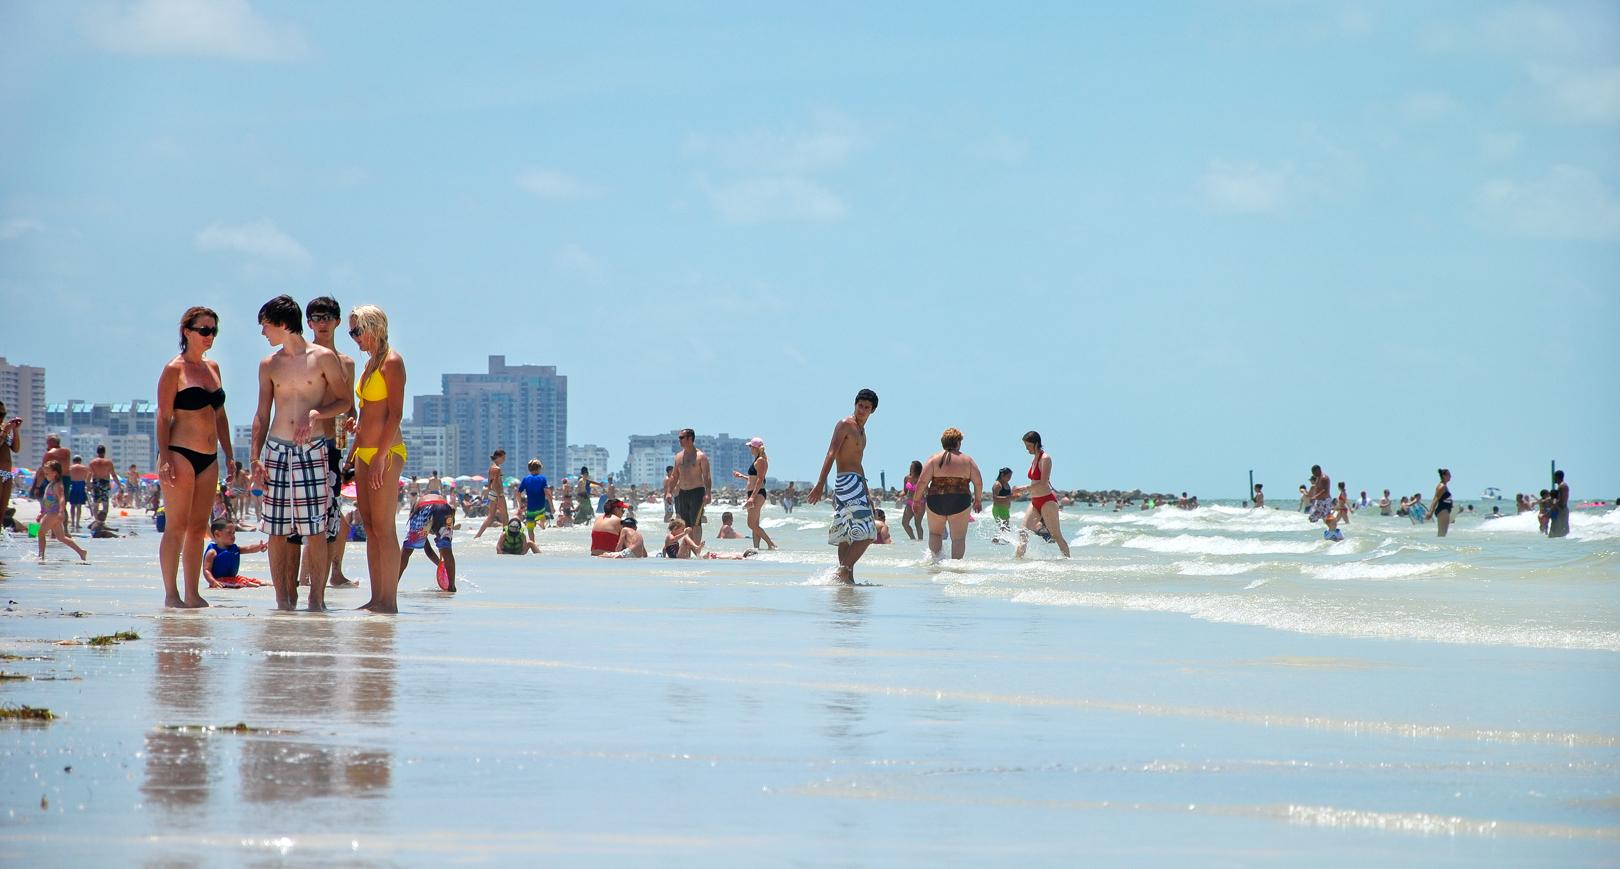 Beachers-2.jpg